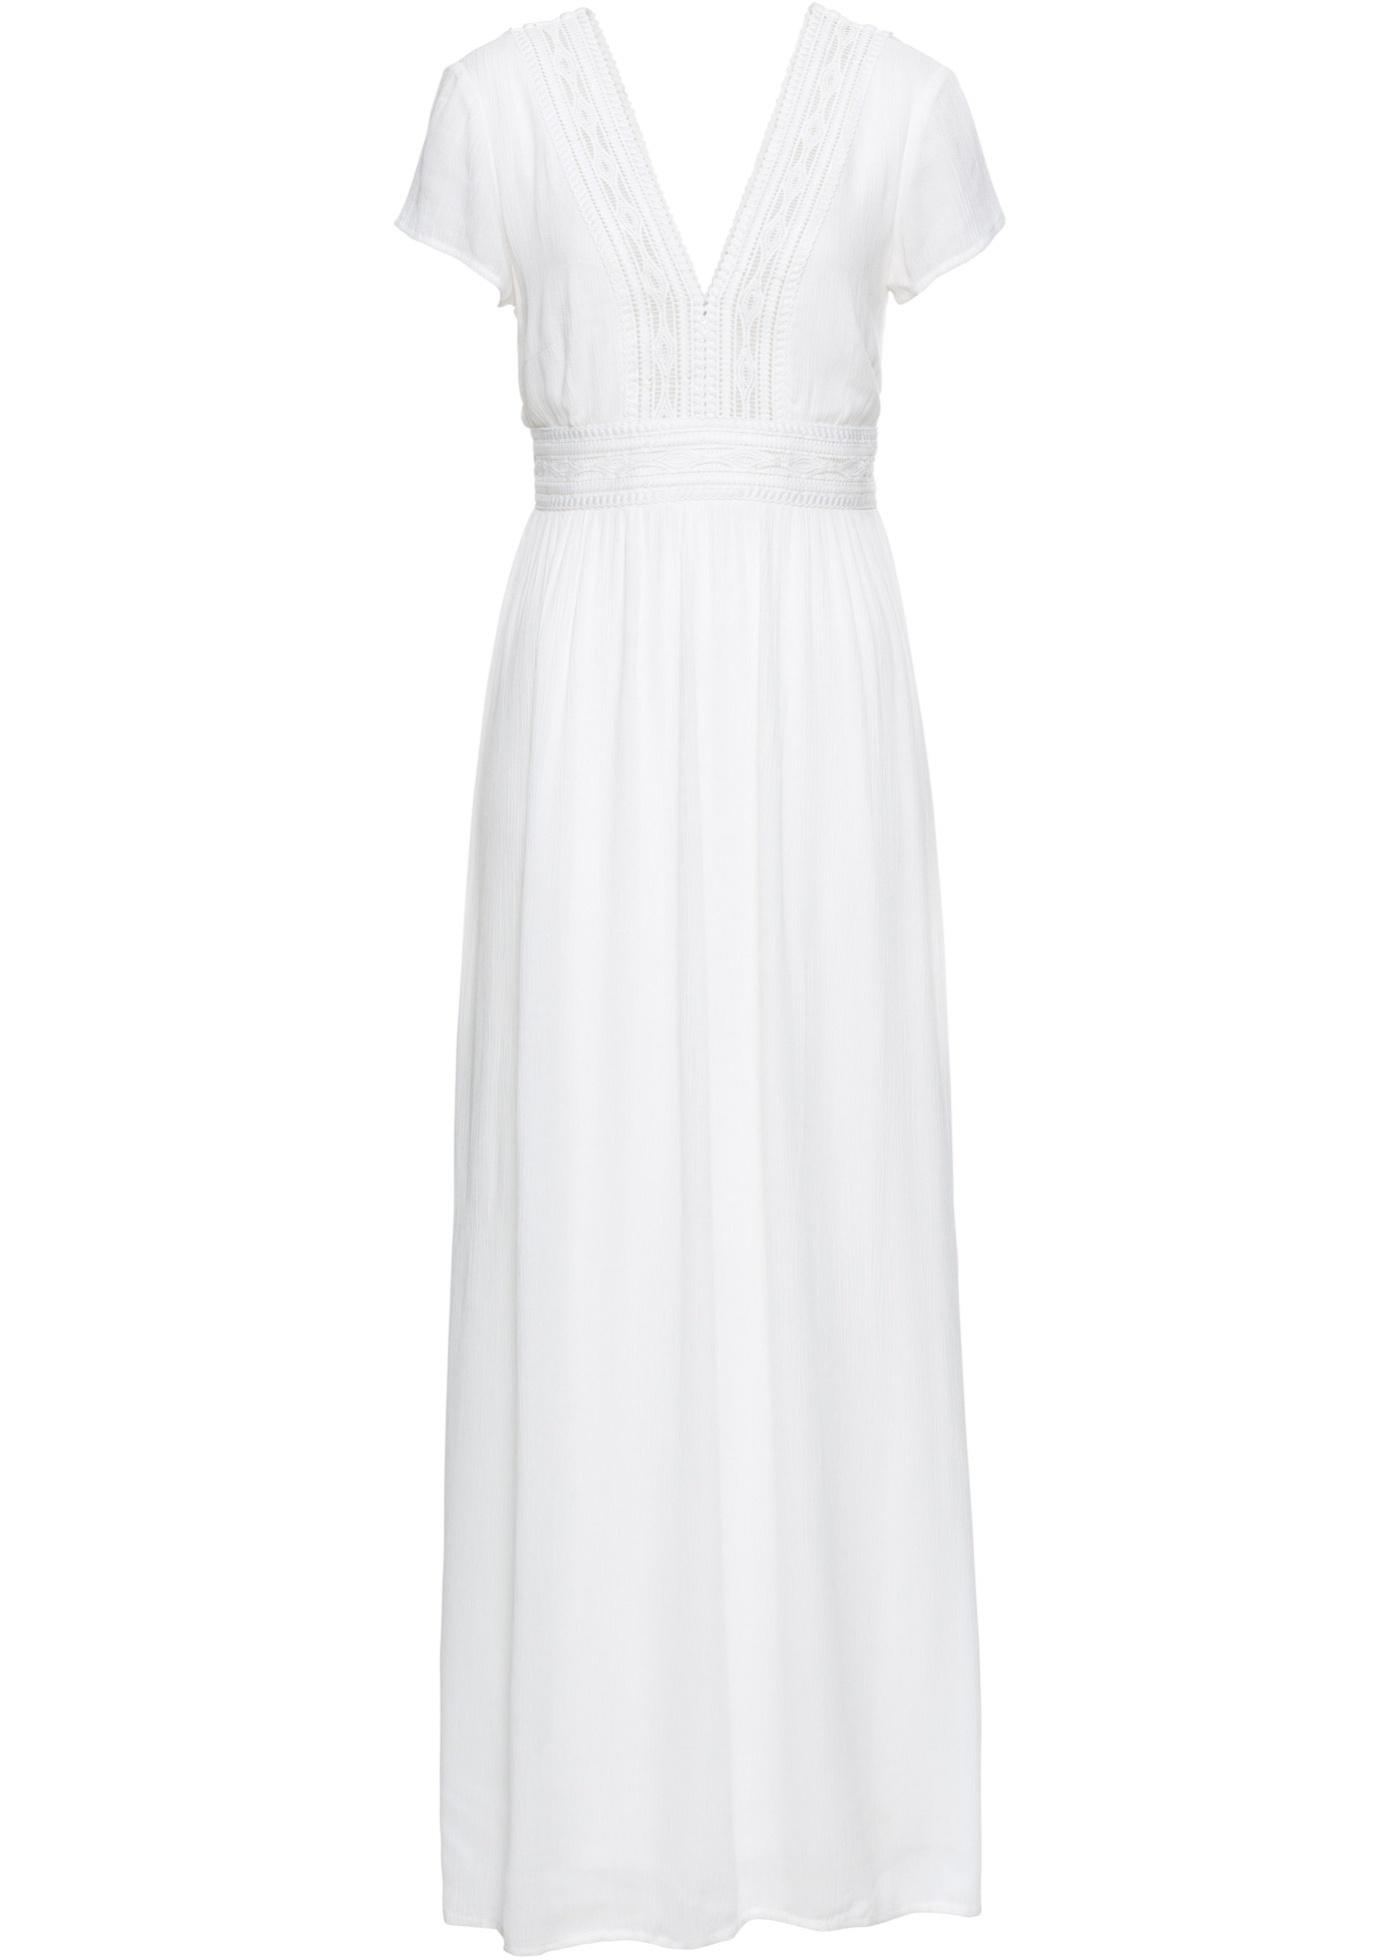 Levné Letní dlouhé šaty s krajkou | Bílá barva šatů